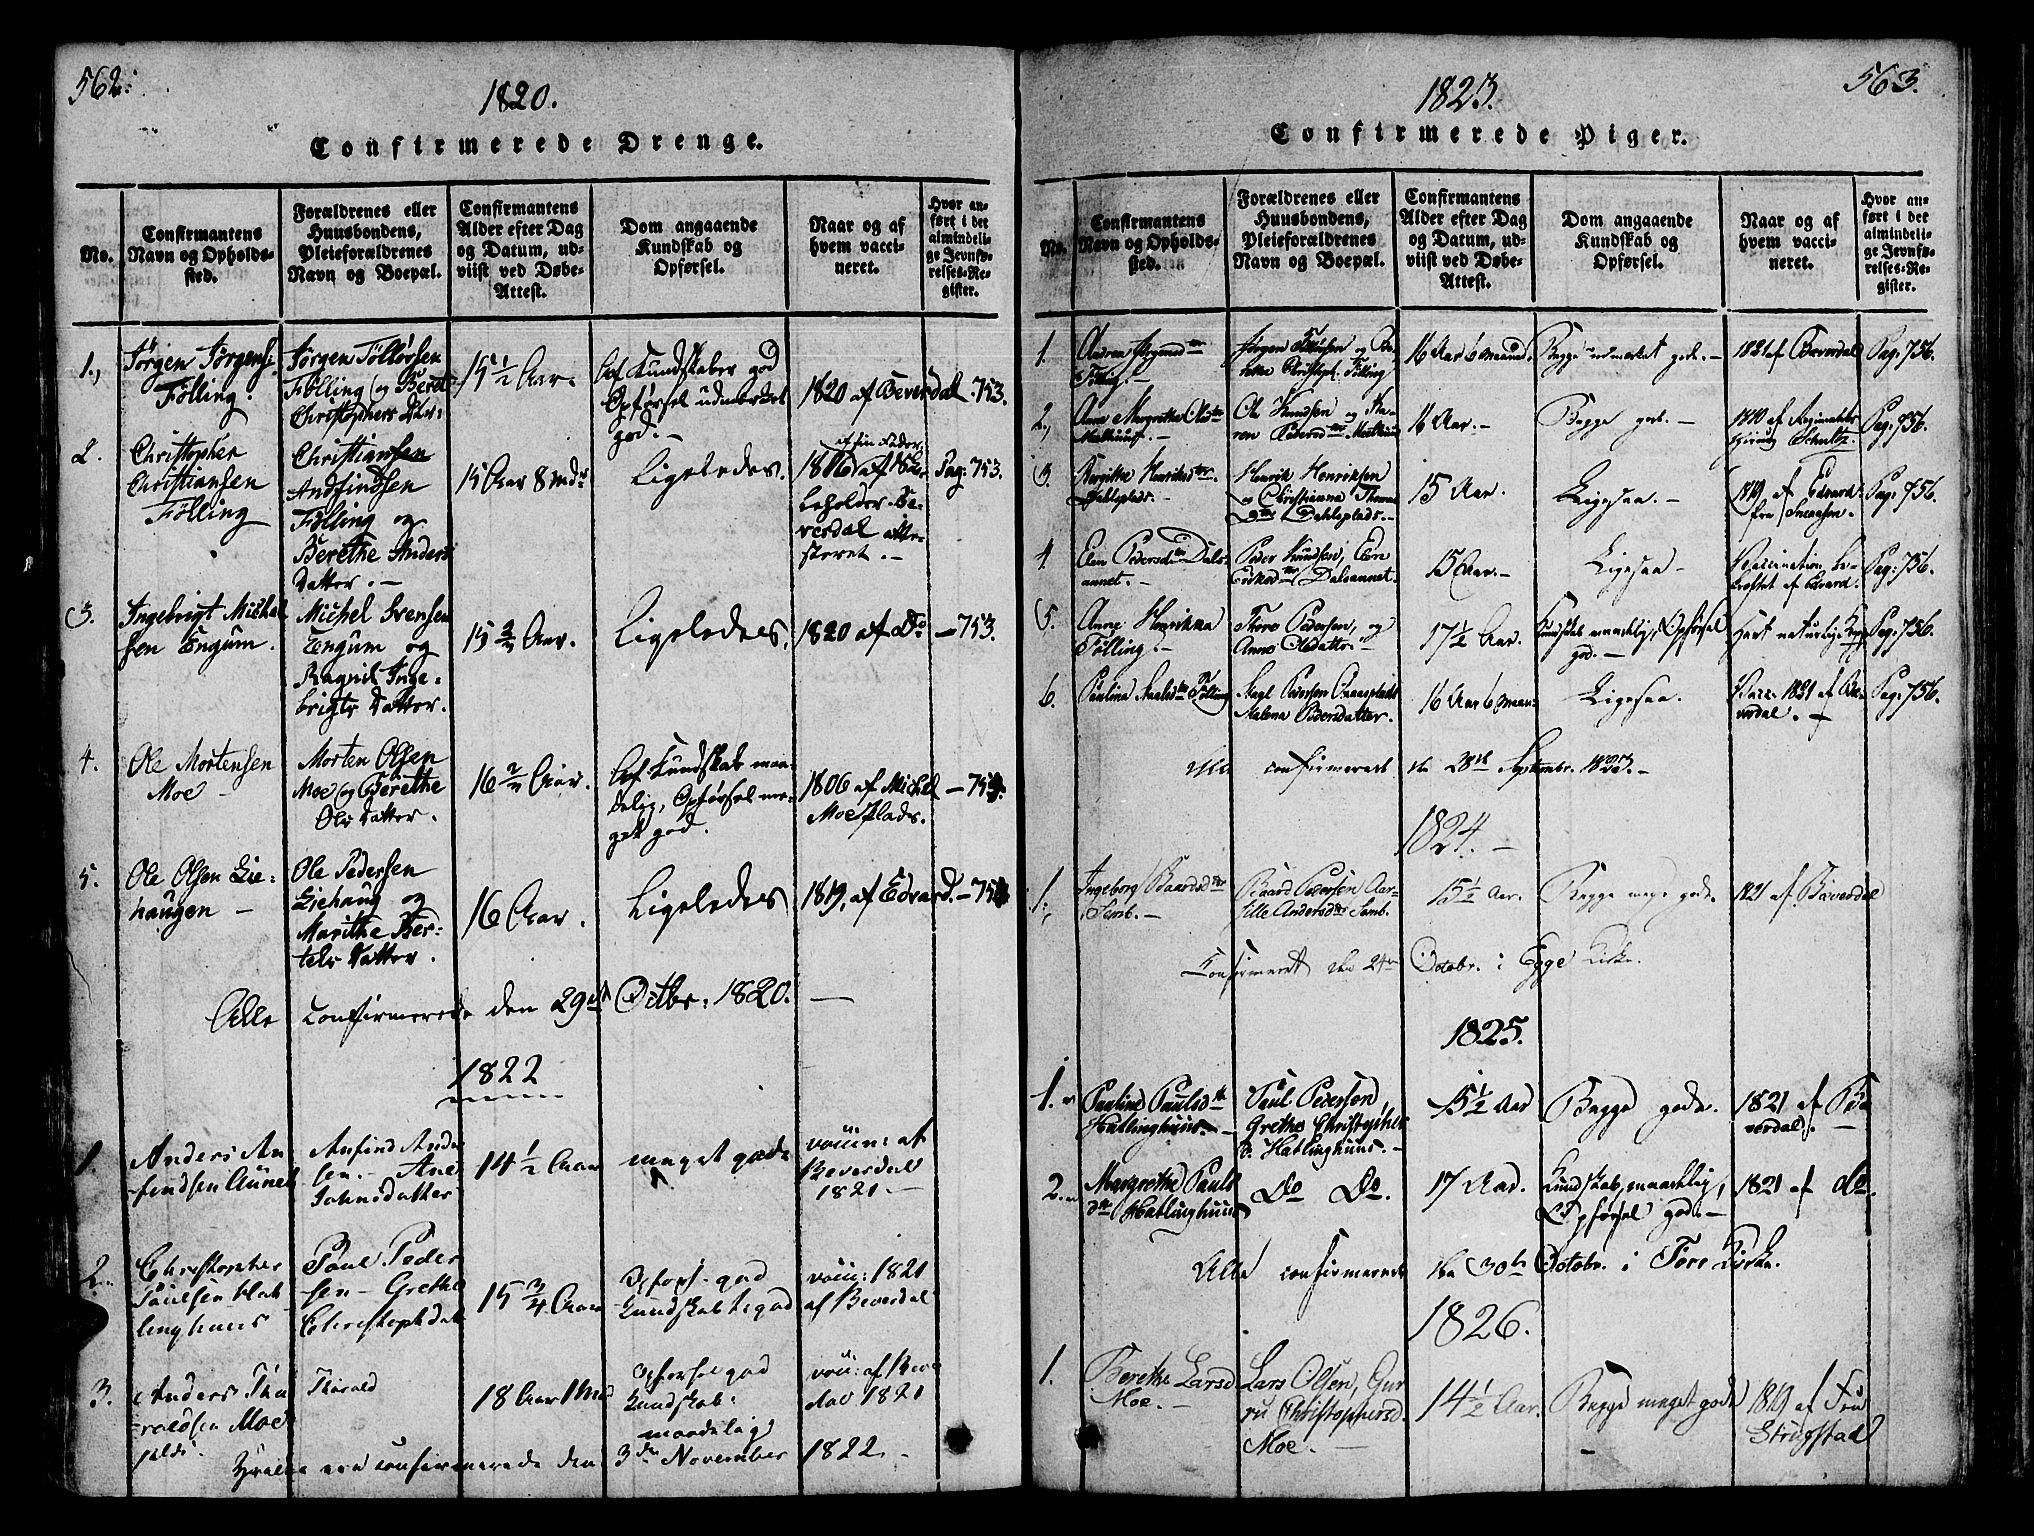 SAT, Ministerialprotokoller, klokkerbøker og fødselsregistre - Nord-Trøndelag, 746/L0441: Ministerialbok nr. 746A03 /4, 1816-1827, s. 562-563